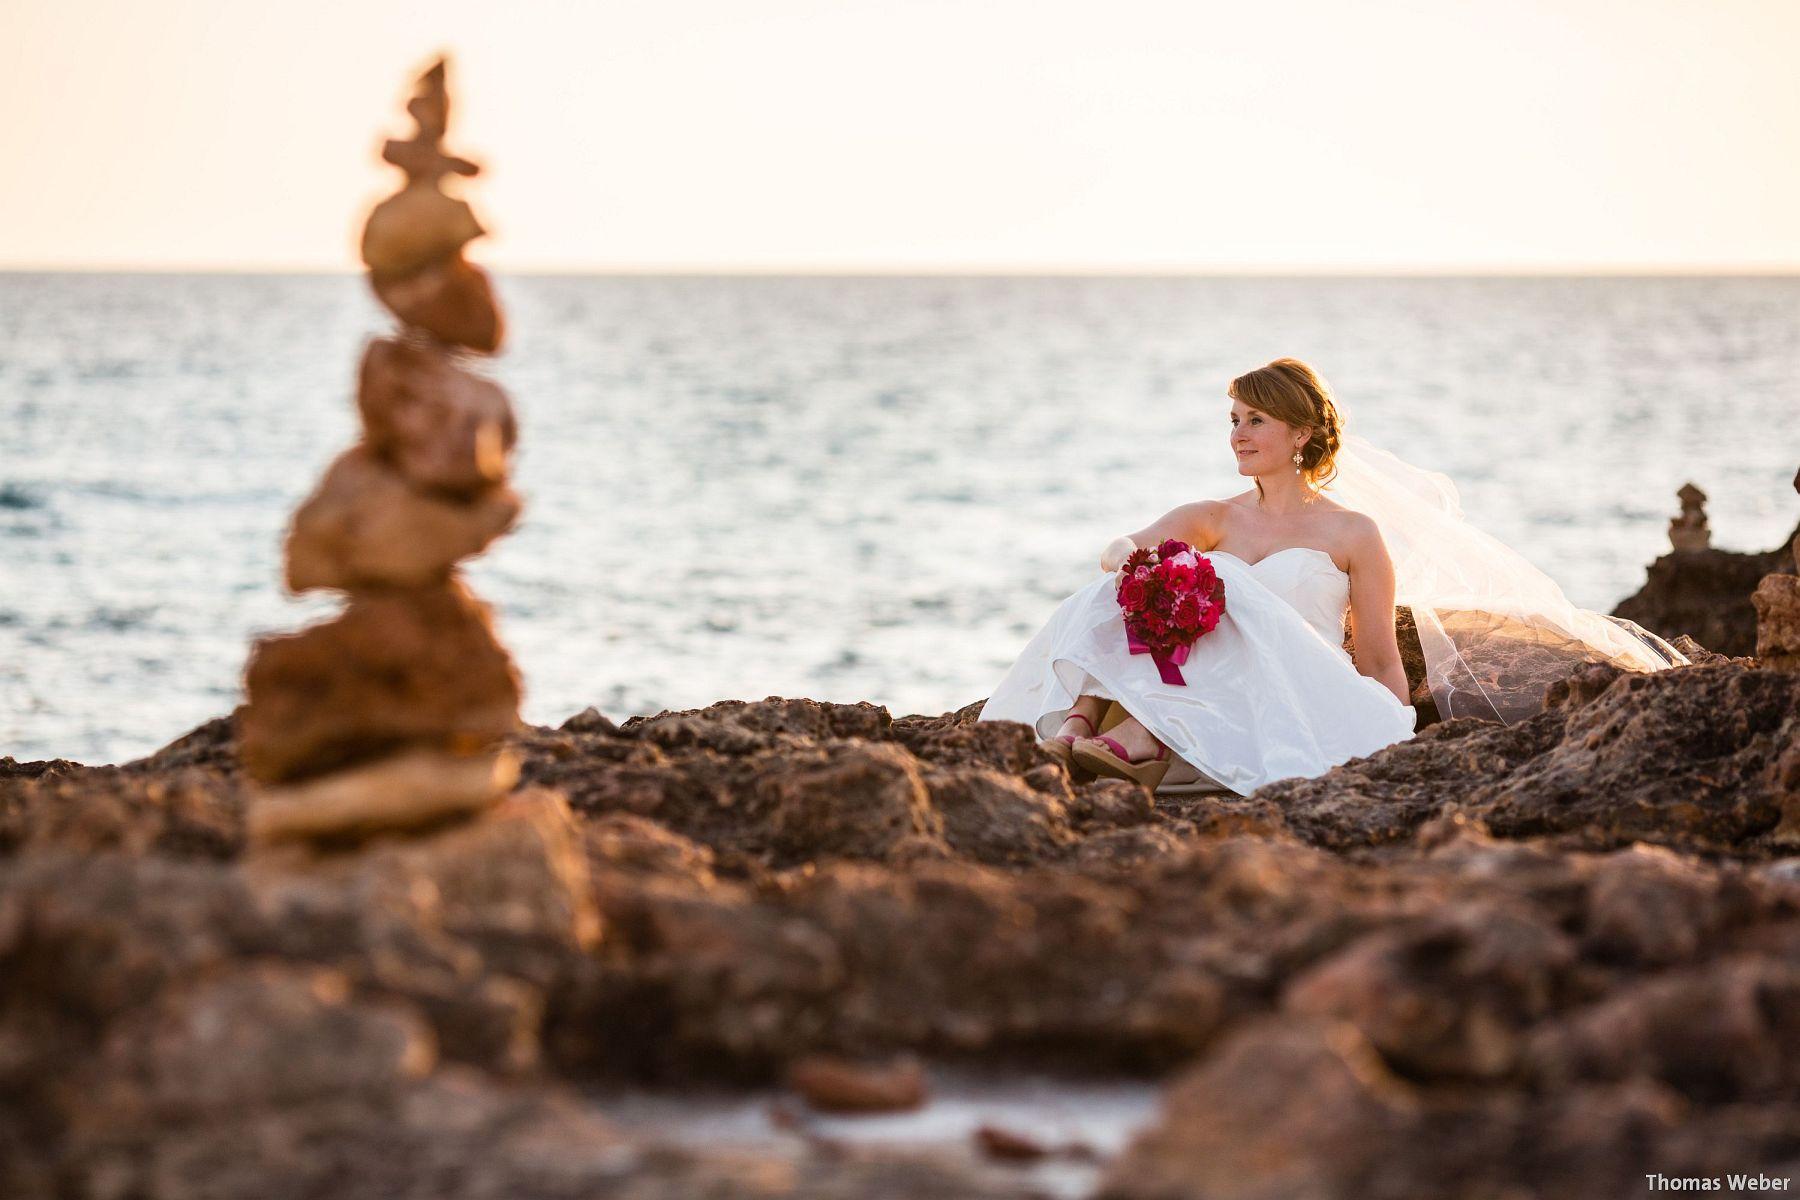 Hochzeitsfotograf Thomas Weber aus Oldenburg: Hochzeitsfotos und Paarfotos auf Mallorca (34)